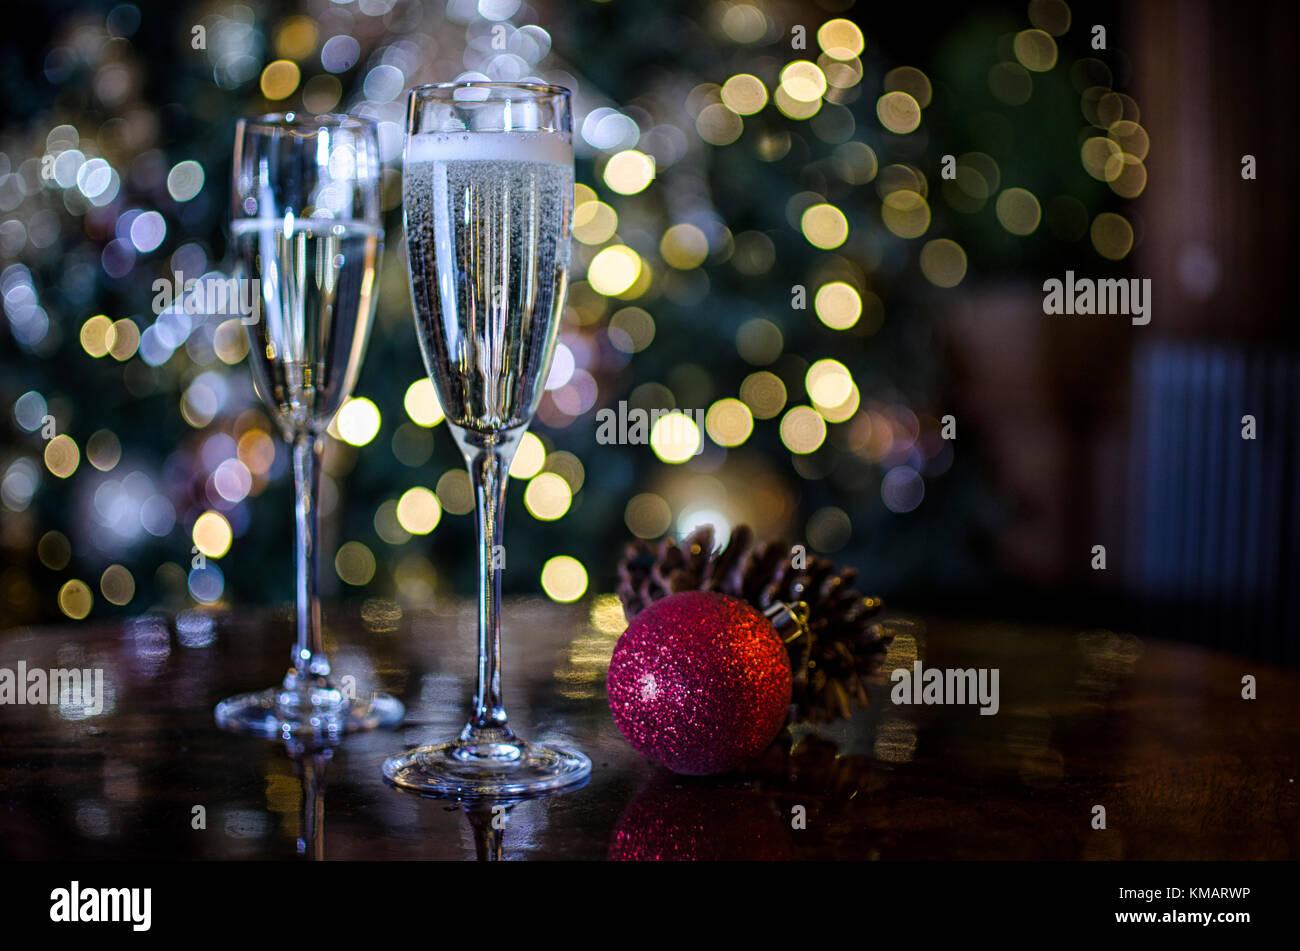 Zwei Sektgläser von Weihnachtsschmuck umgeben Stockfoto